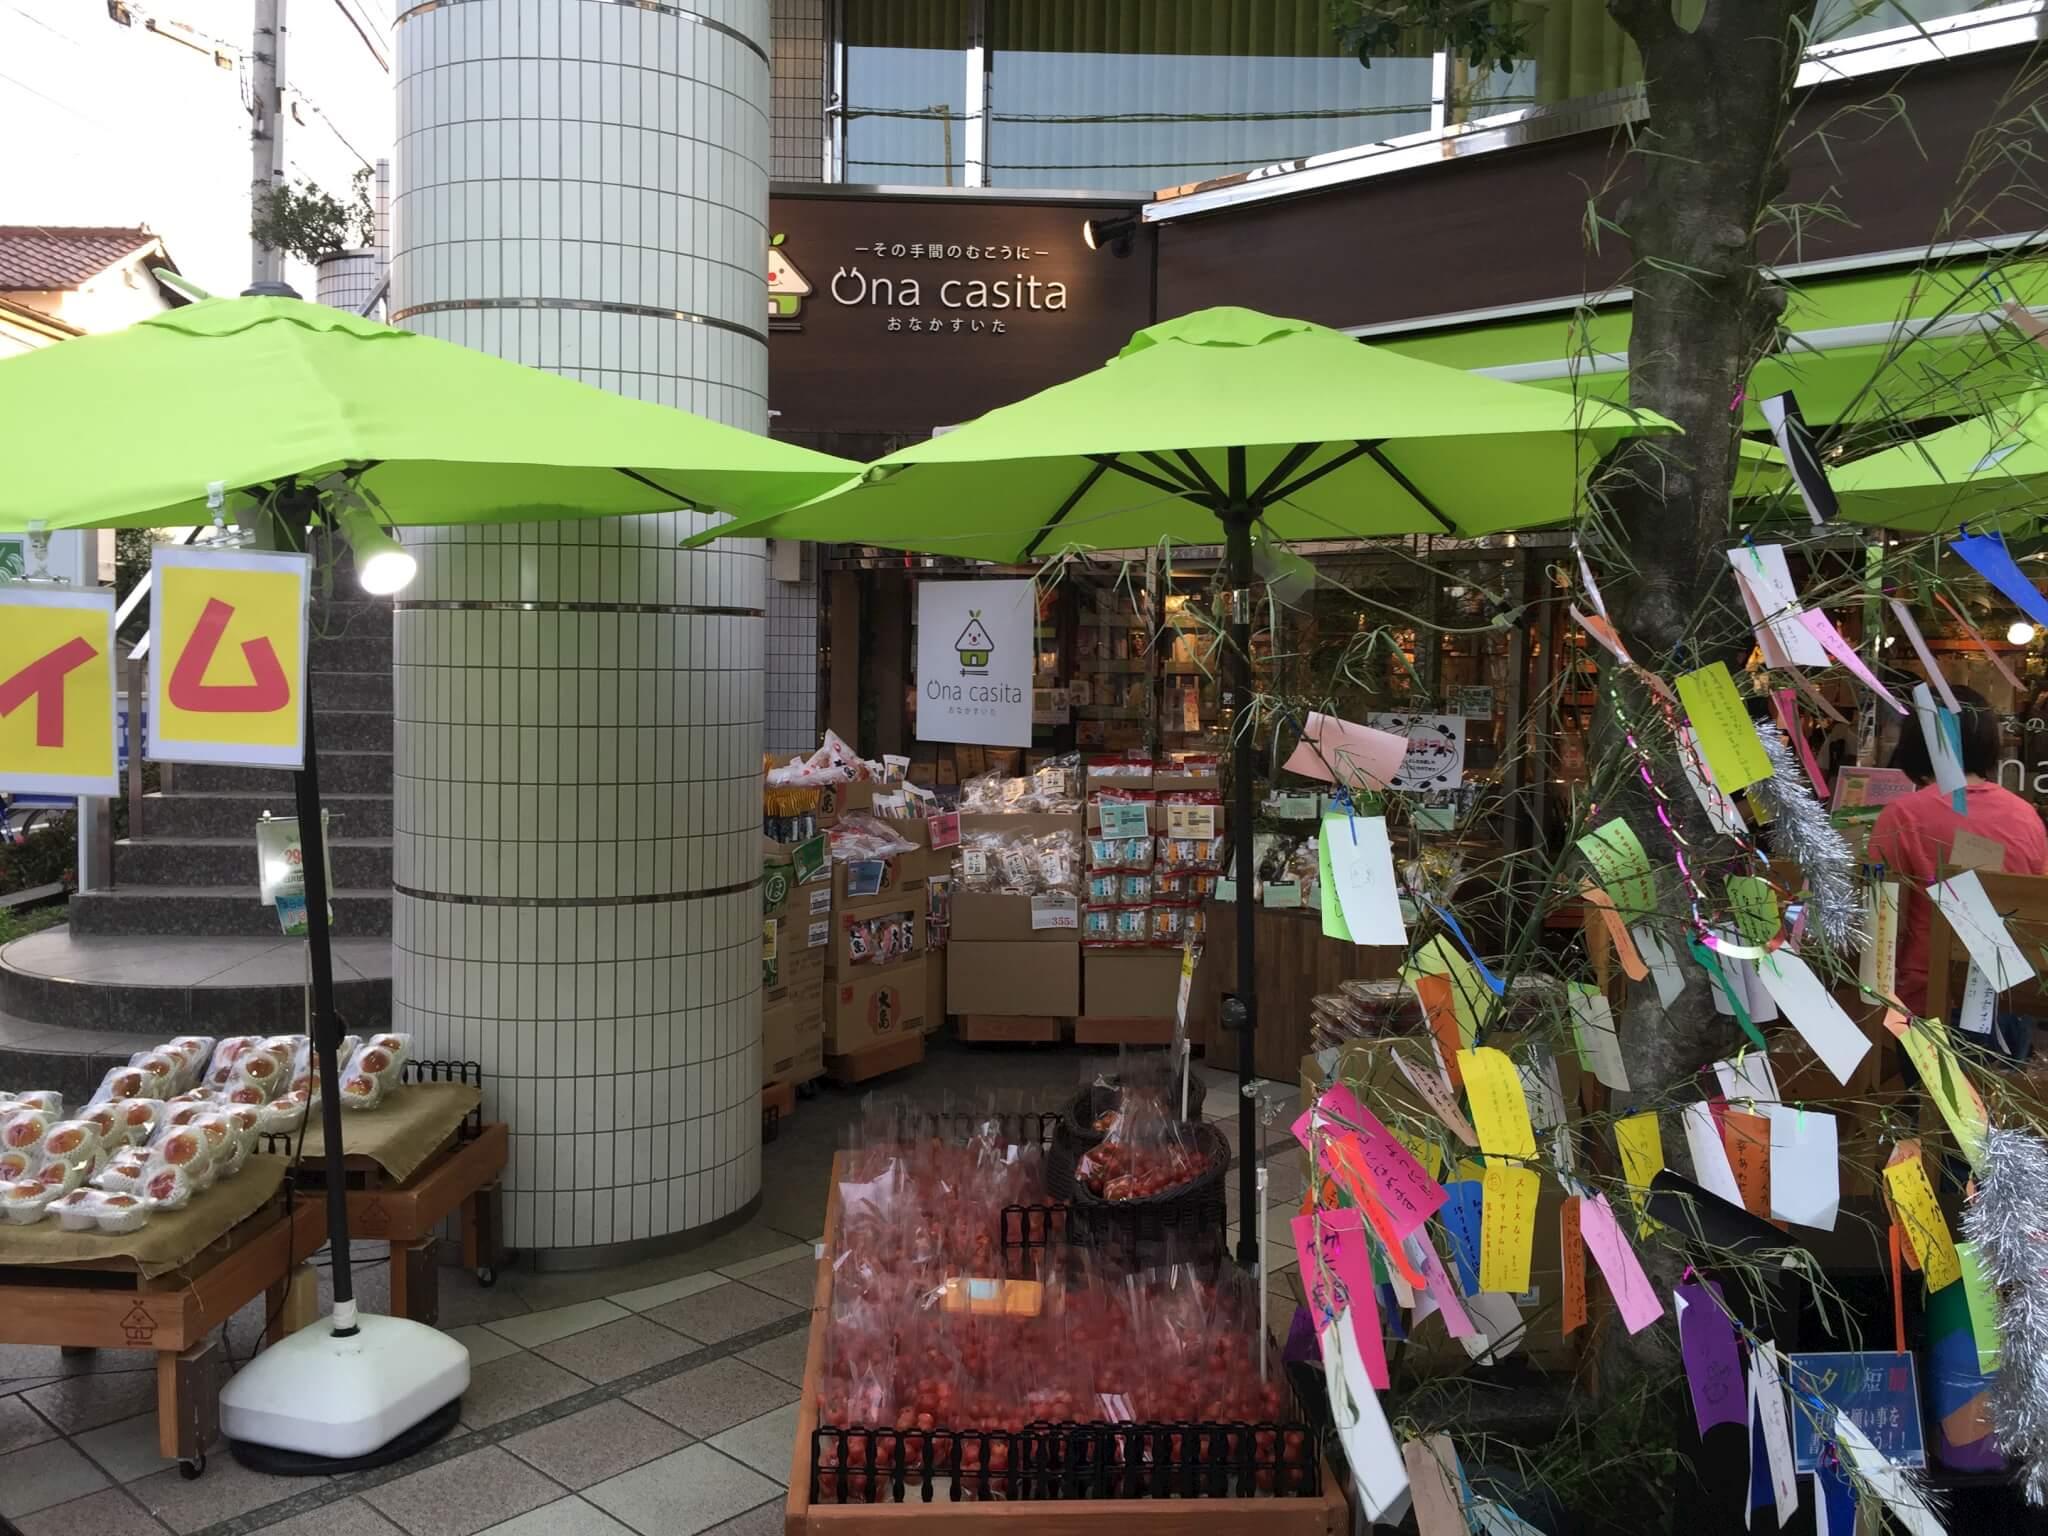 スーパーUna casita(おなかすいた)店頭写真